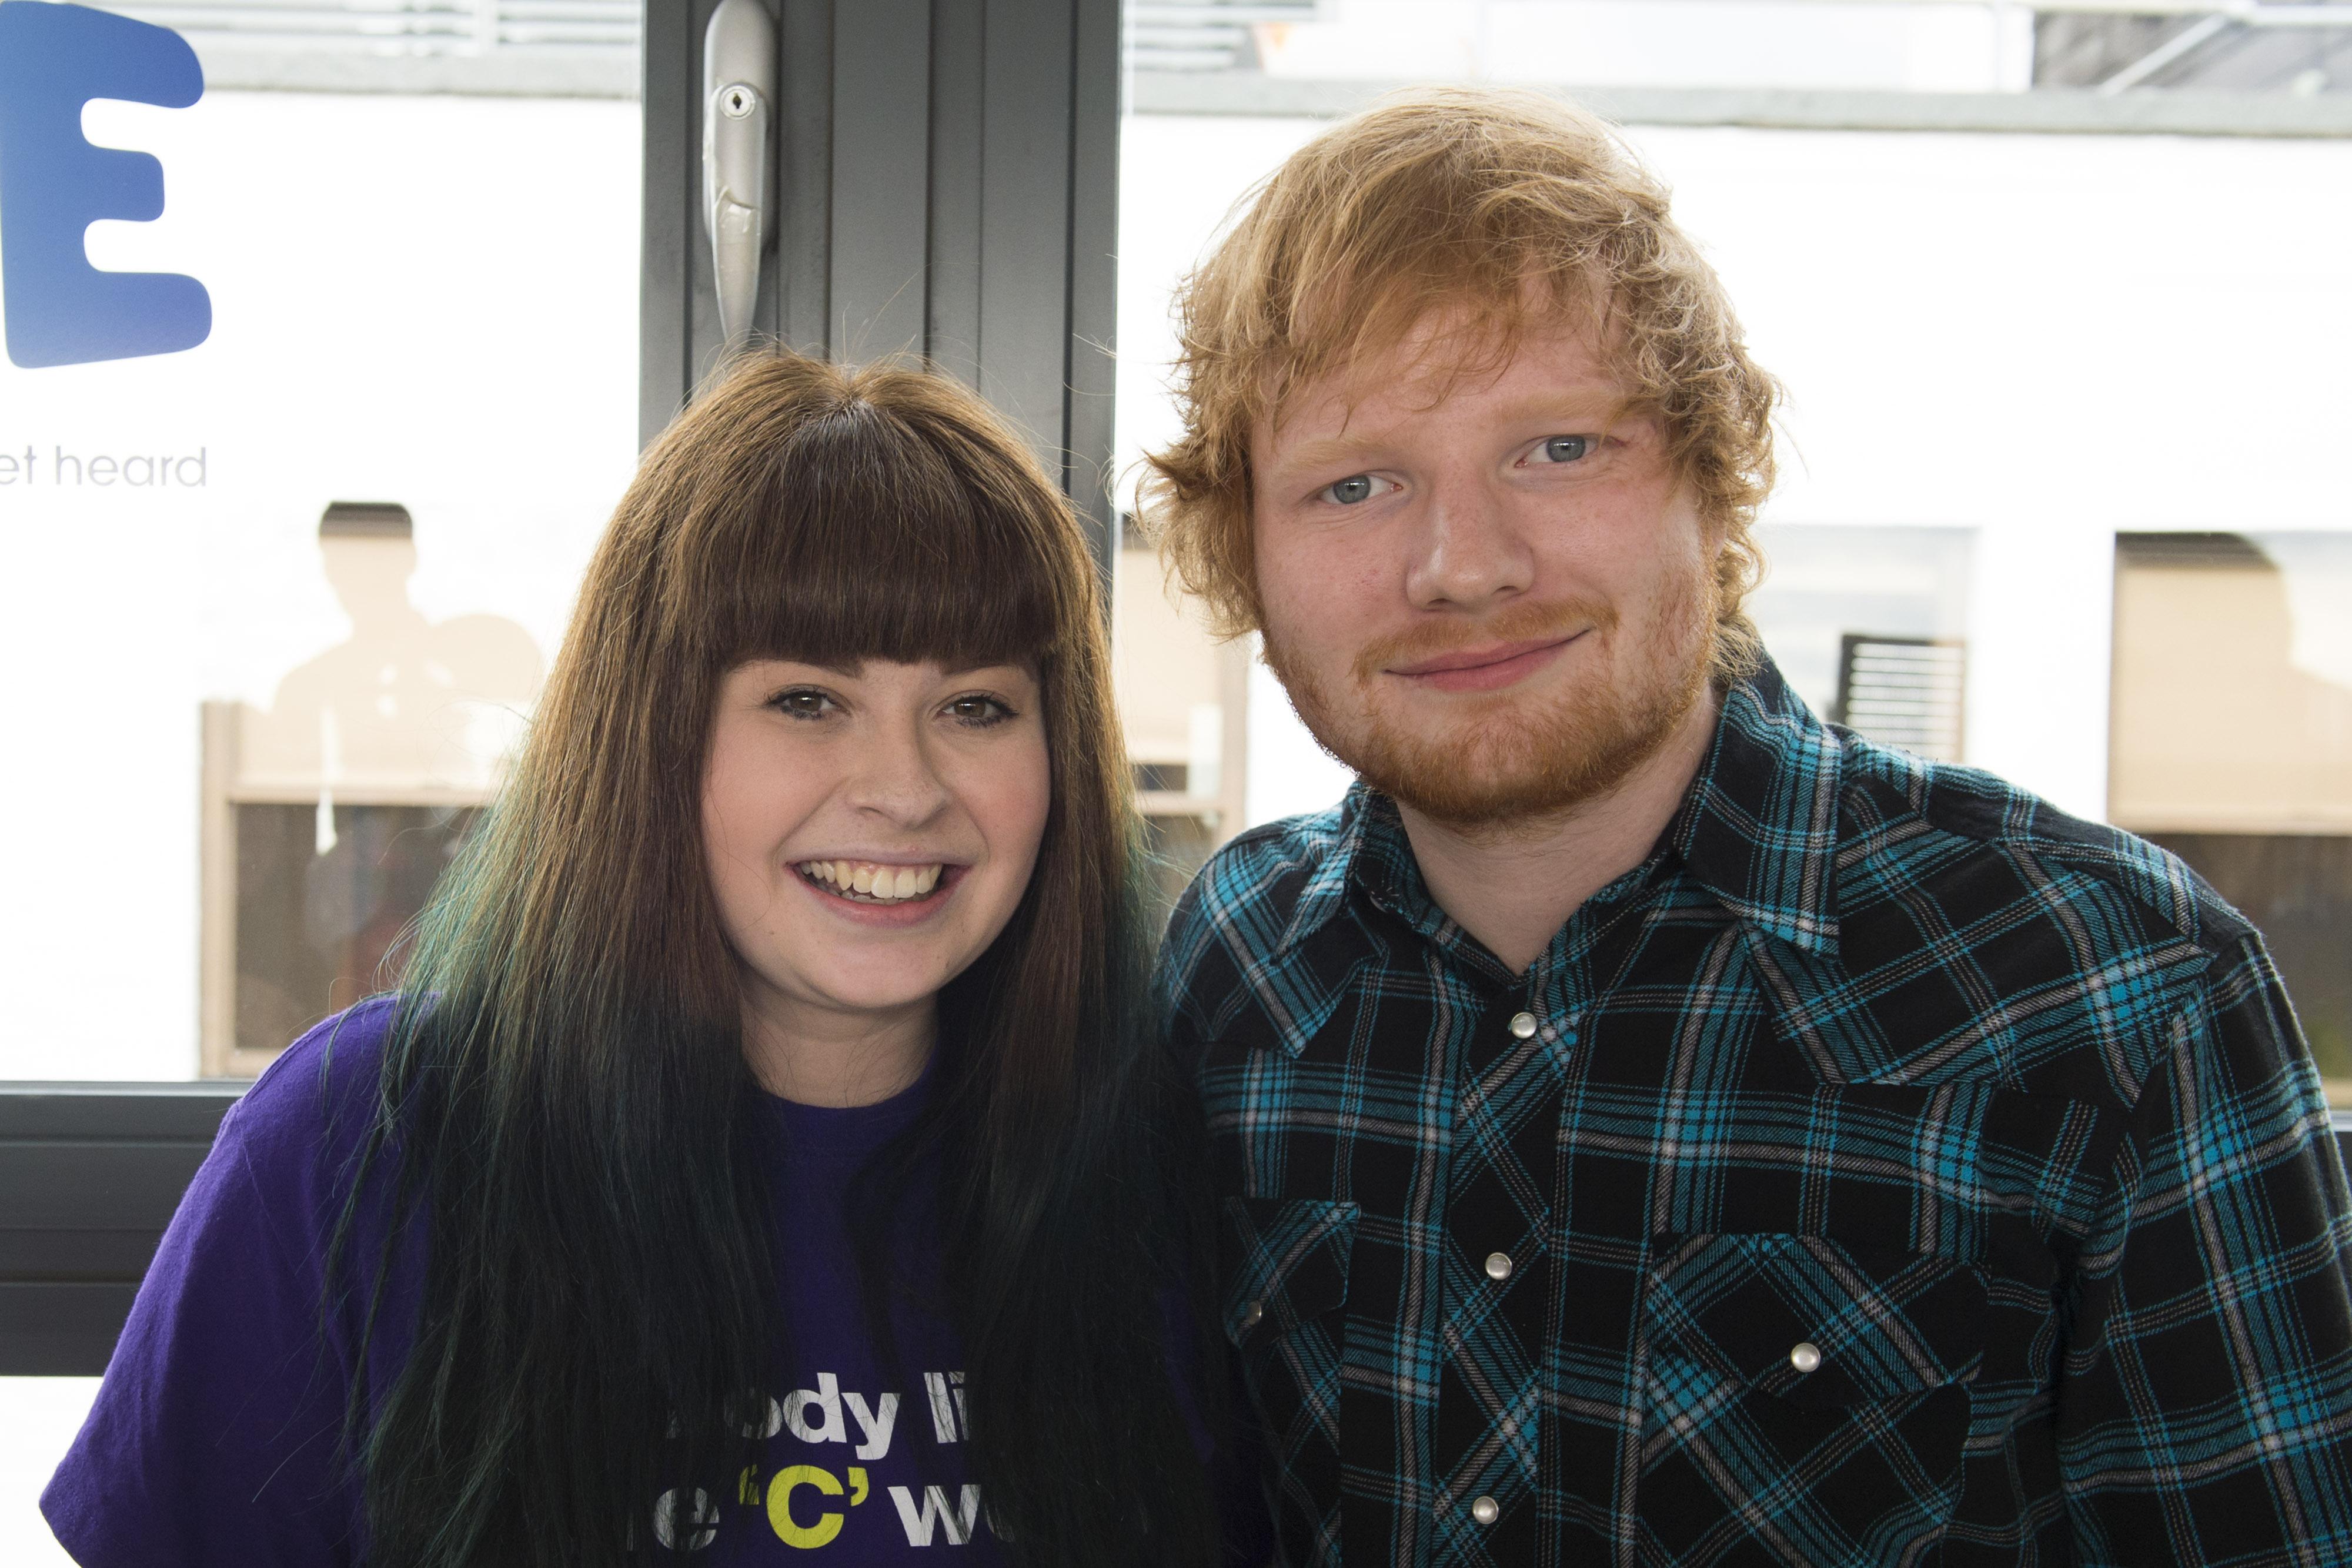 Ed Sheeran & Jamie Lawson surprise teen Leanne